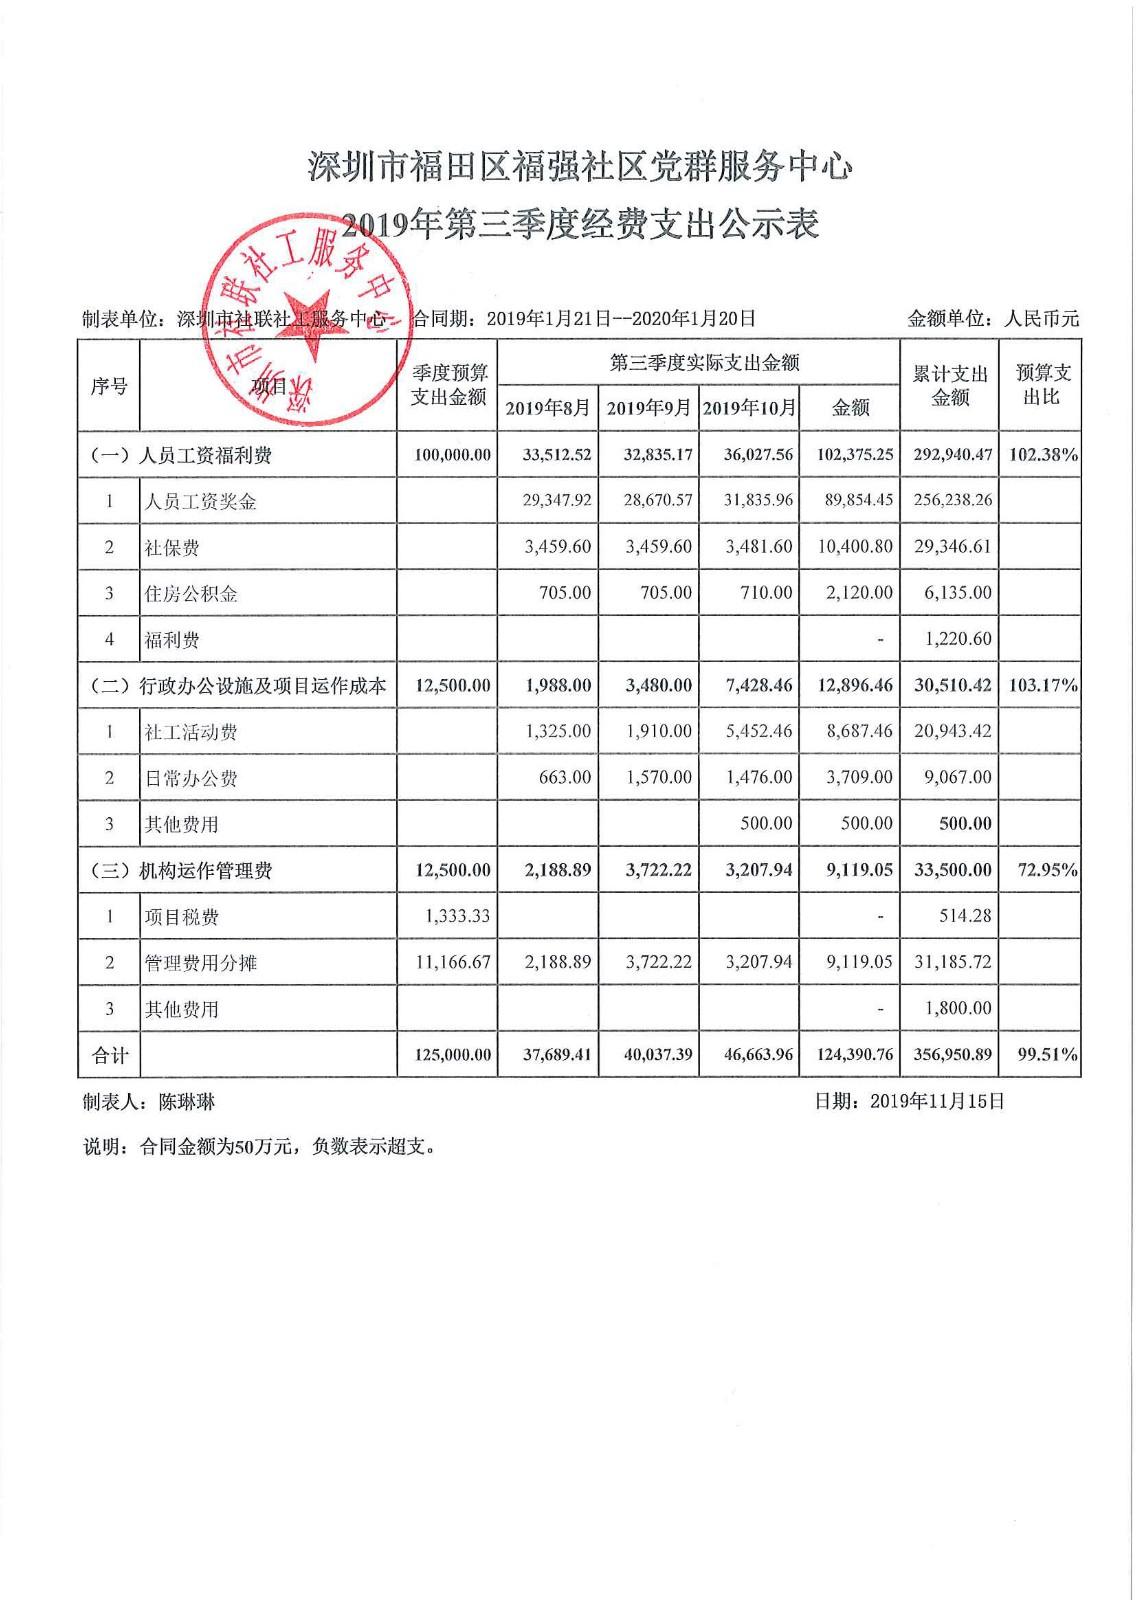 2019年第三季度福强社区支出公示表